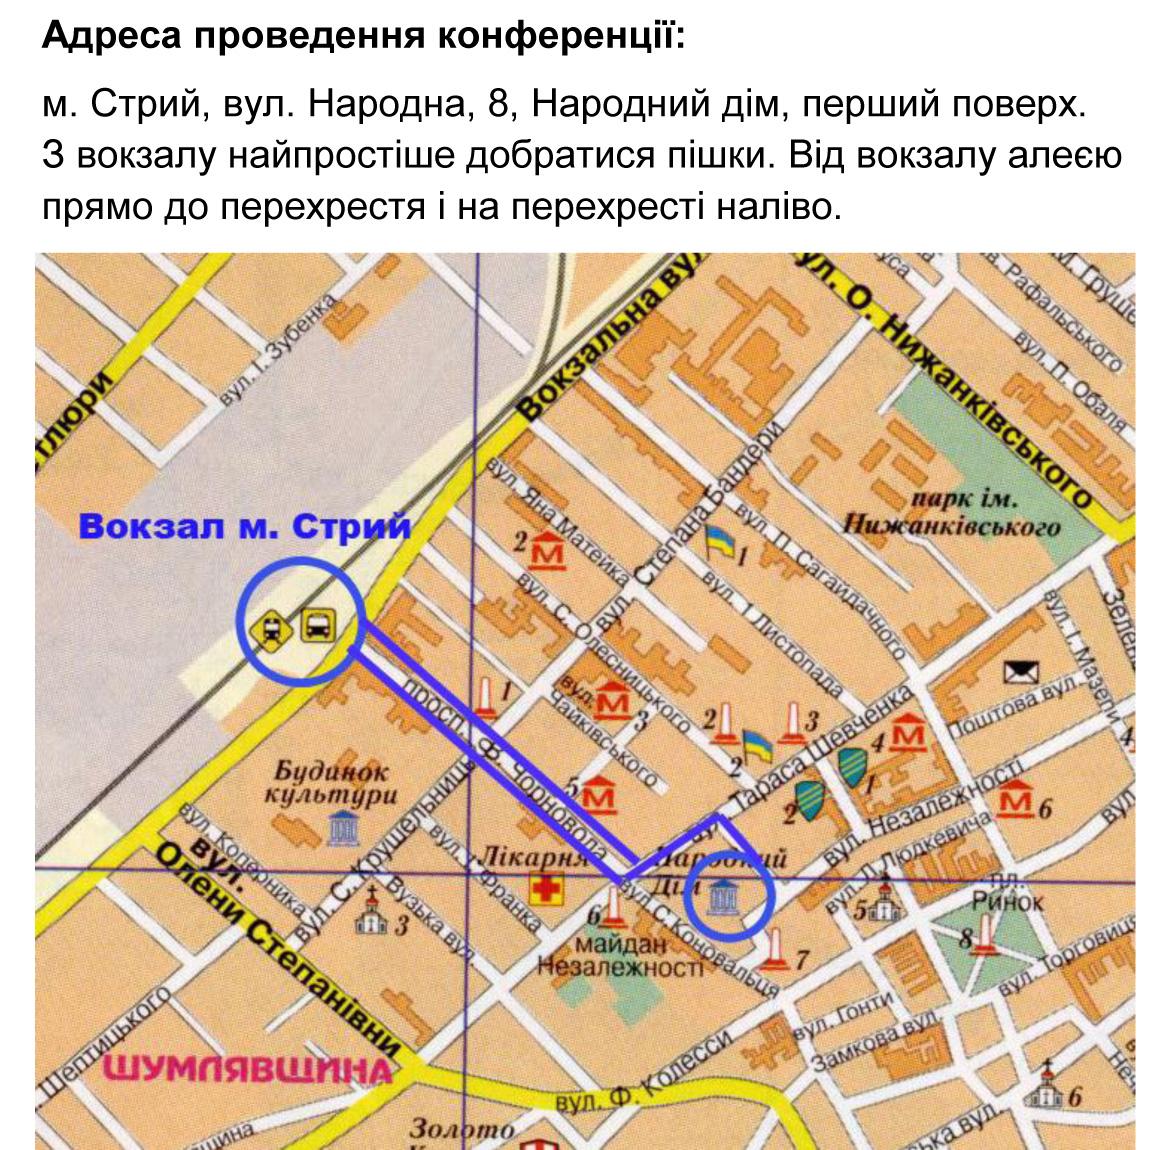 Адреса проведення конференції